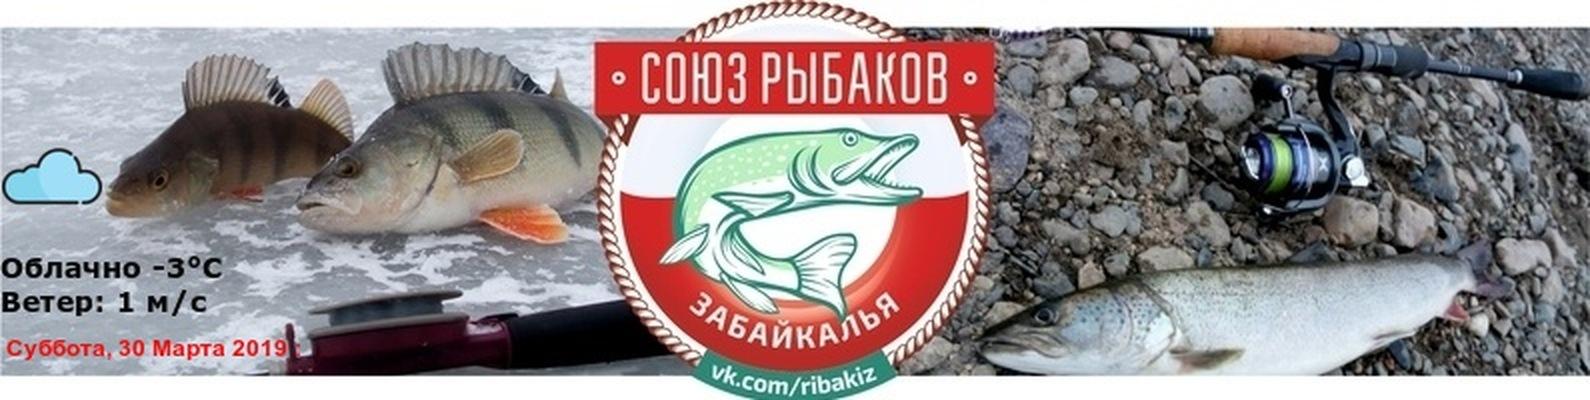 Уважаемые рыбаки! 27 июня 2018 года состоится открытие Рыболовно-охотничья база семейного отдыха